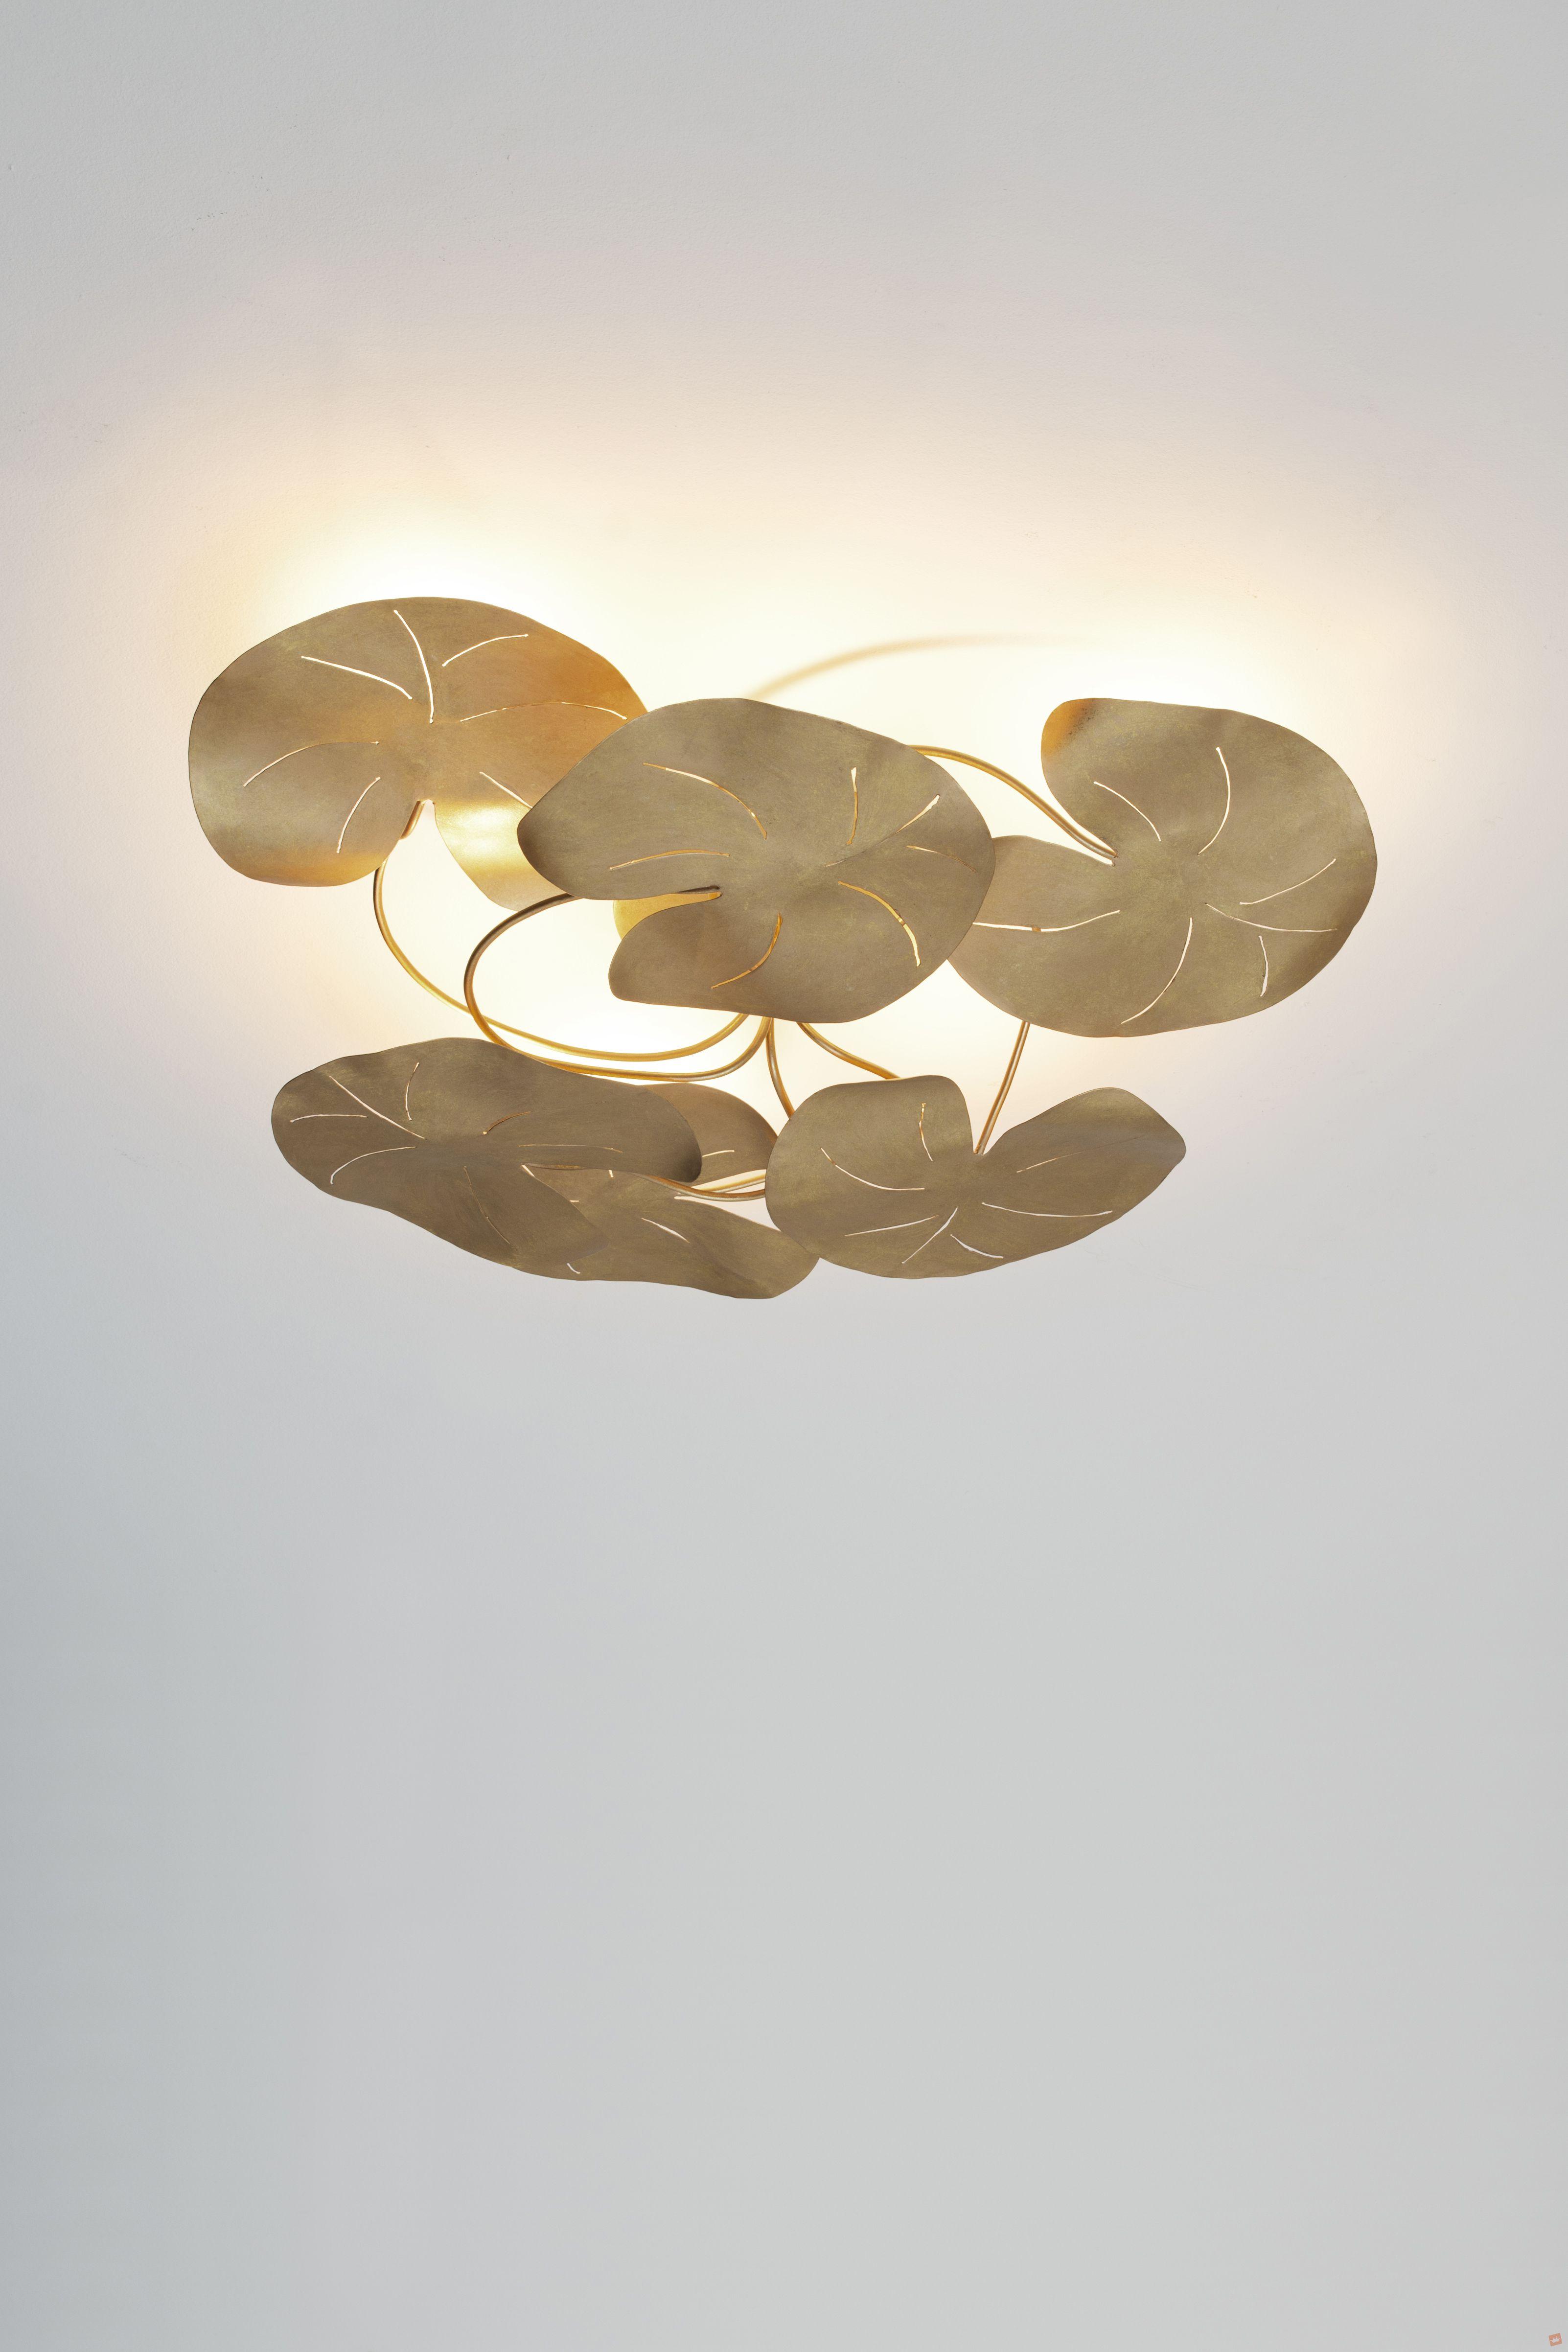 LED-Wandleuchten von Holländer Leuchten Deckenleuchte 6-flg. CONTROVERSIA 300 K 16102